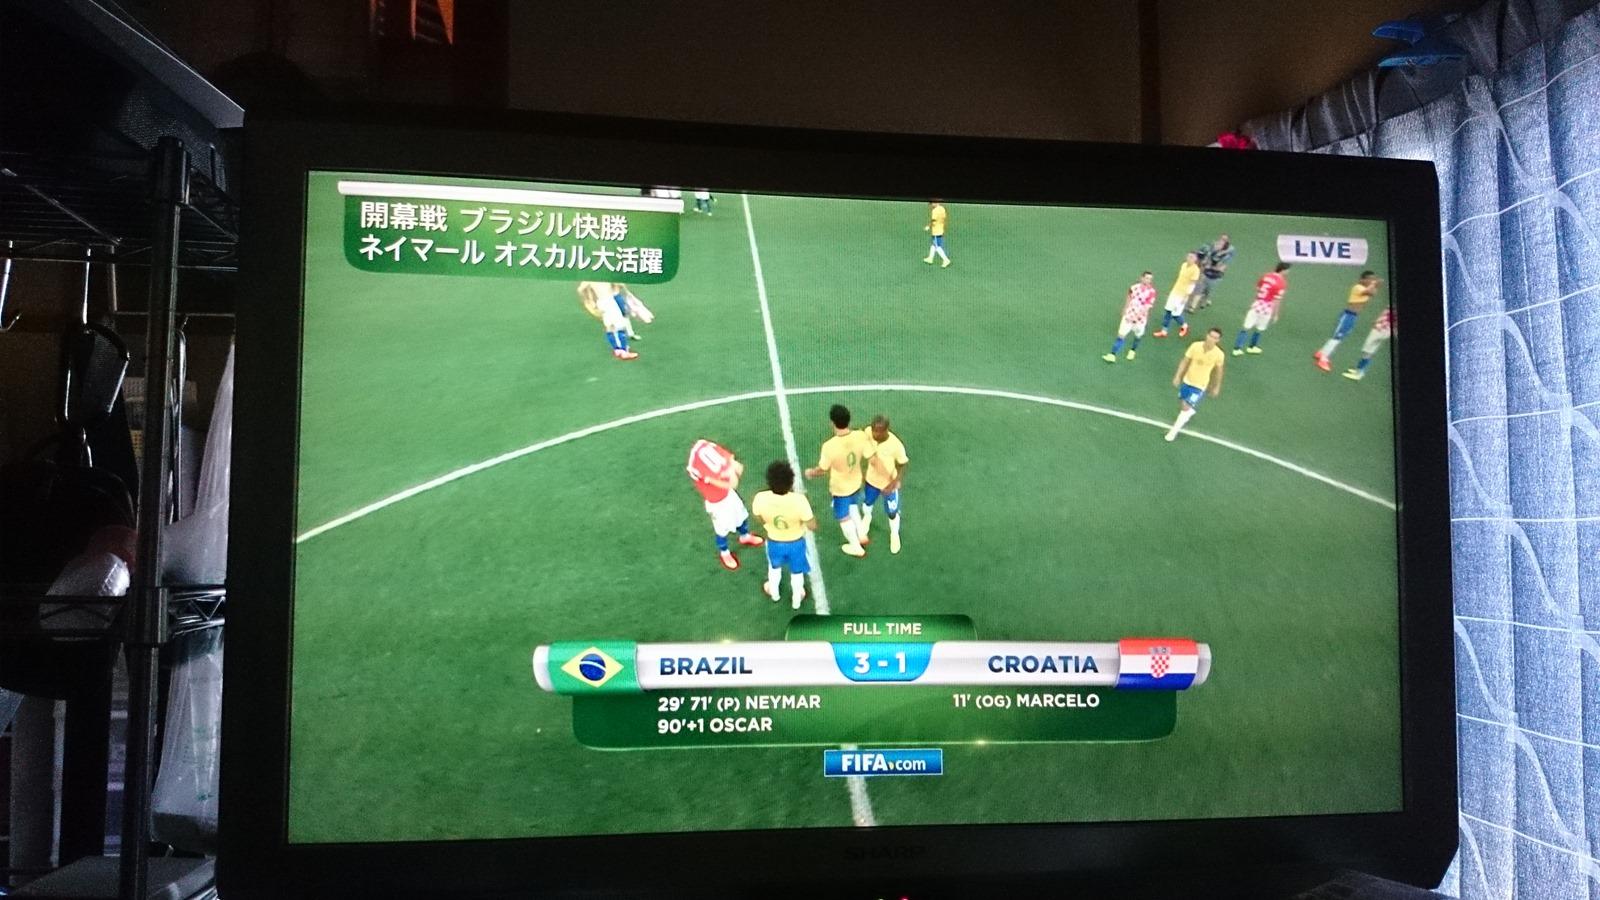 FIFAワールドカップ 2014ブラジル開幕!